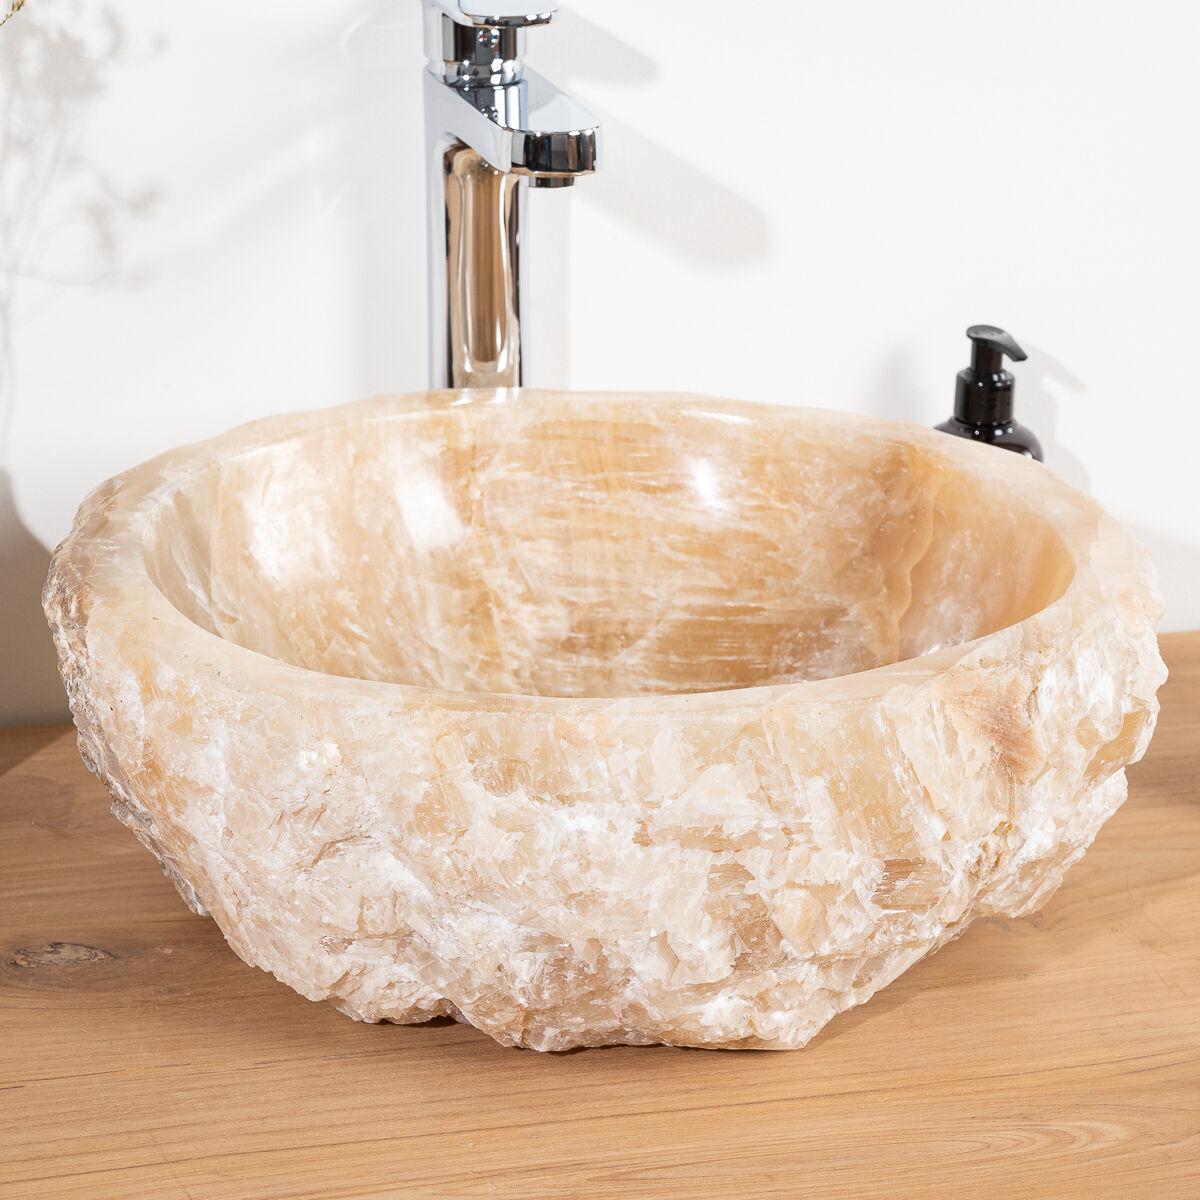 Wanda Collection Vasque de salle de bain à poser en pierre Onyx 40 - 45 cm